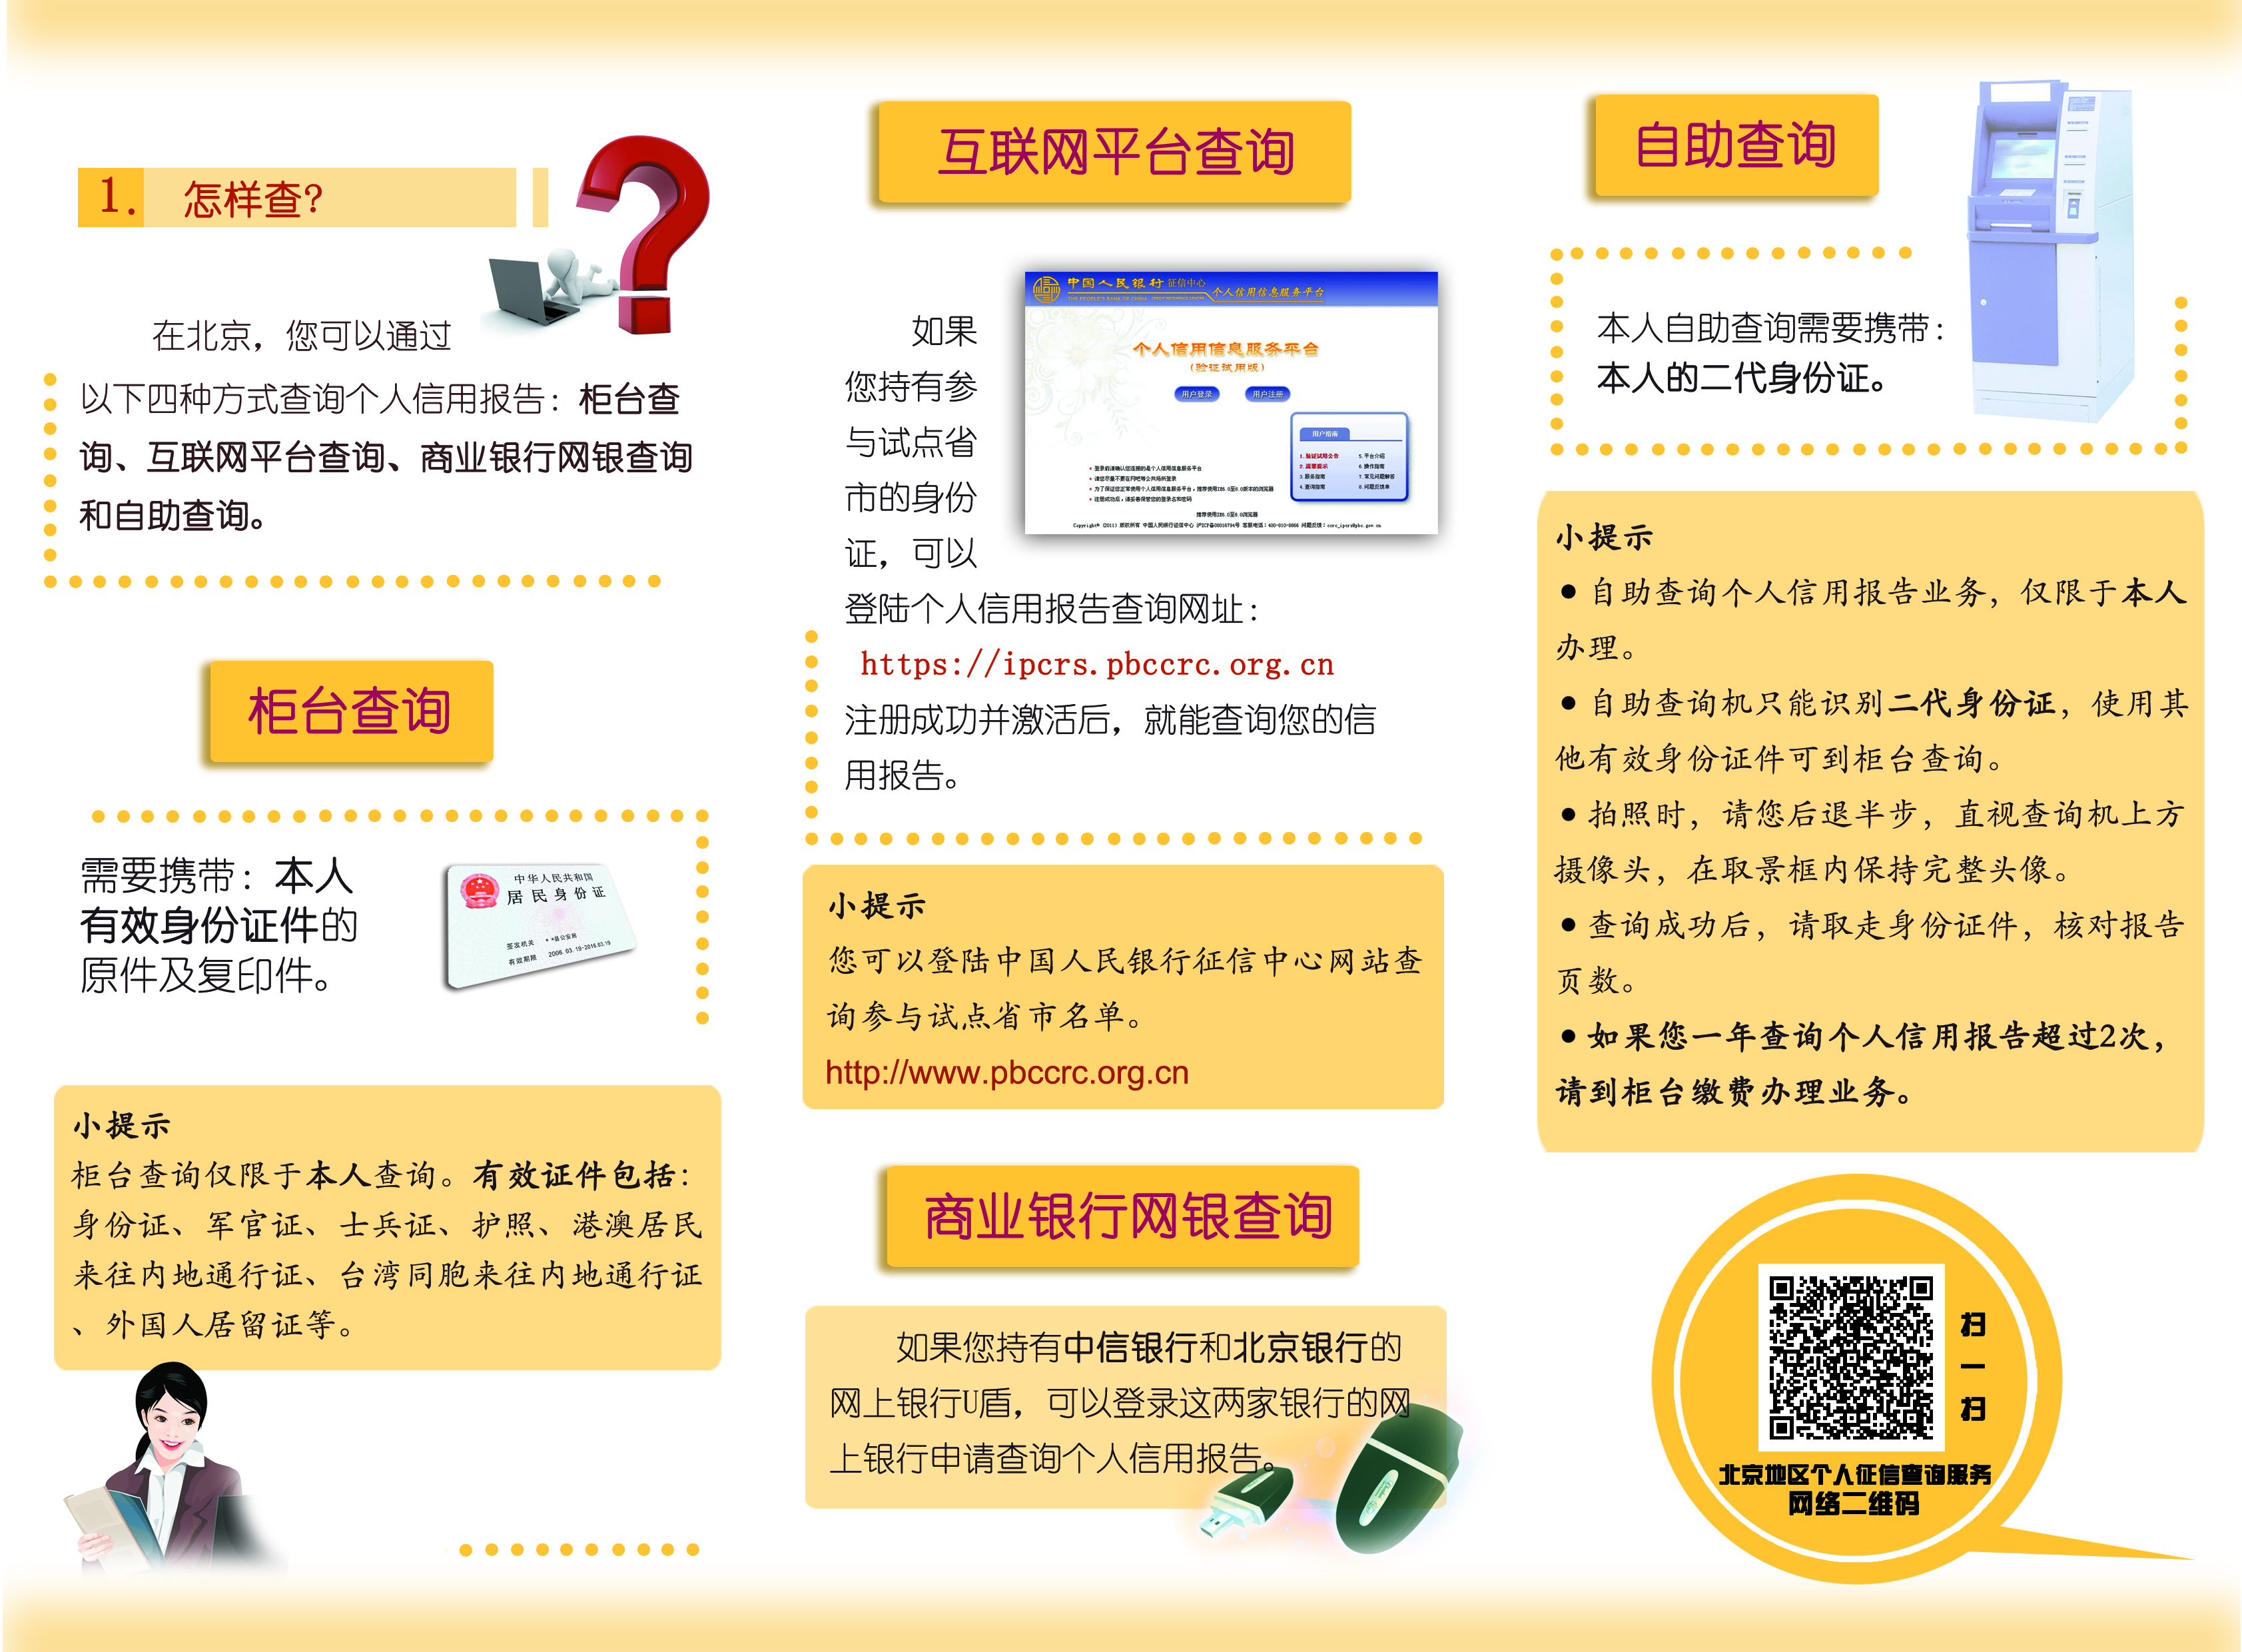 中国银行反洗钱_金融知识普及专栏 | UBS 中国大陆